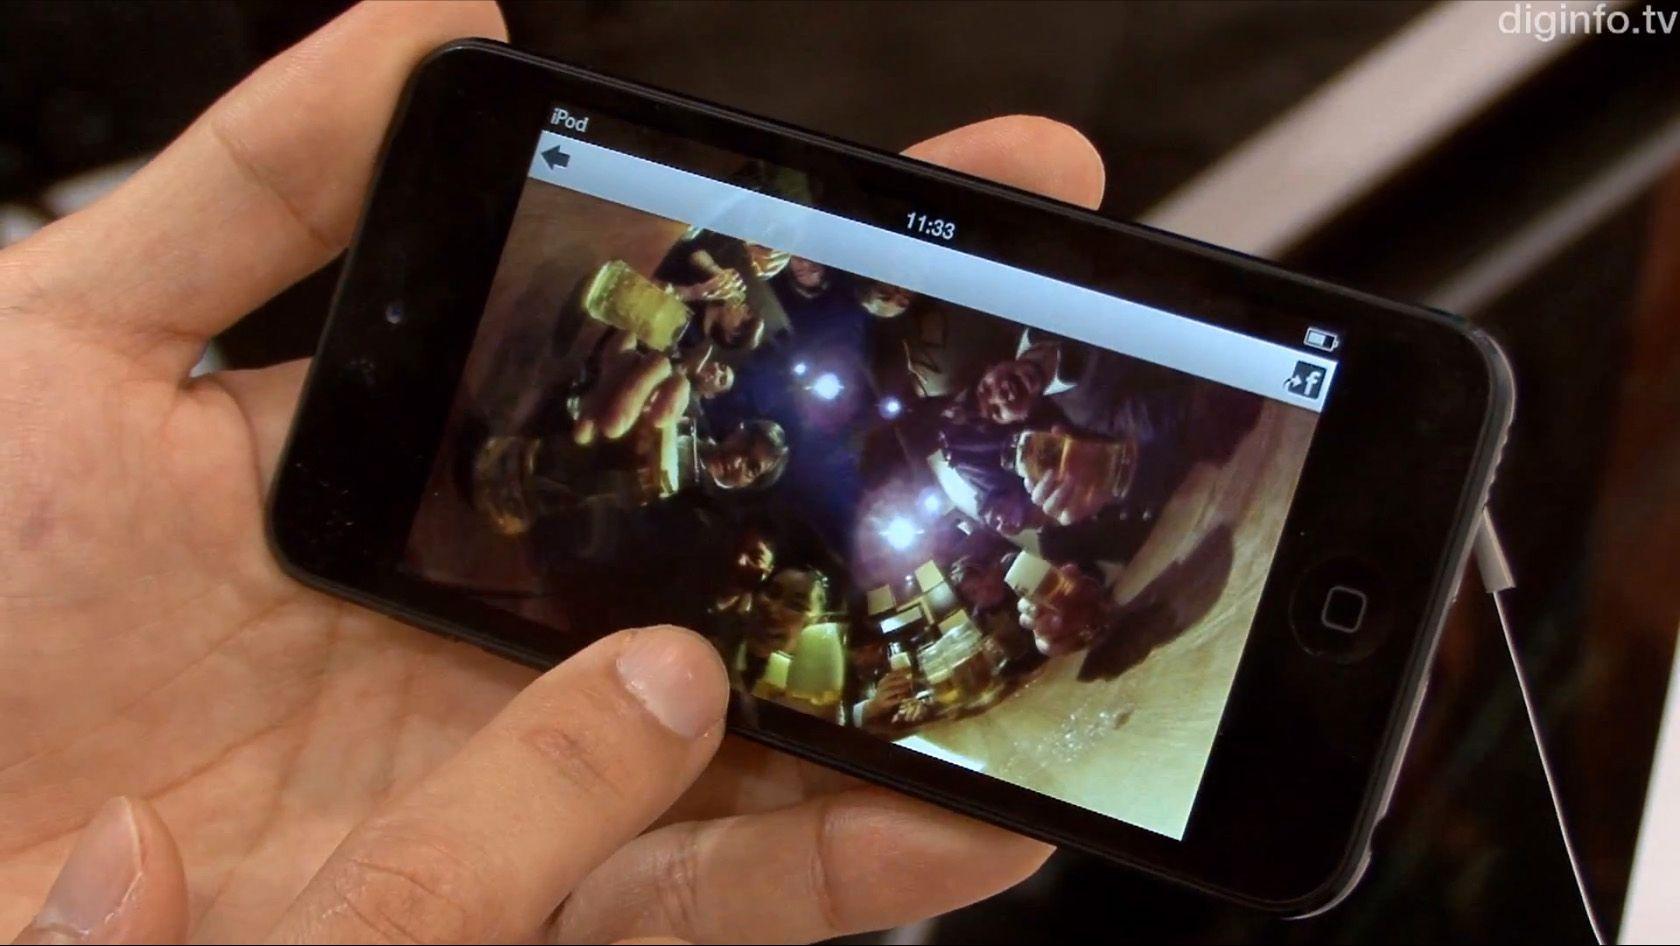 Nå behøver ingen på festen å bli utelatt fra bilder.Foto: DigInfo TV